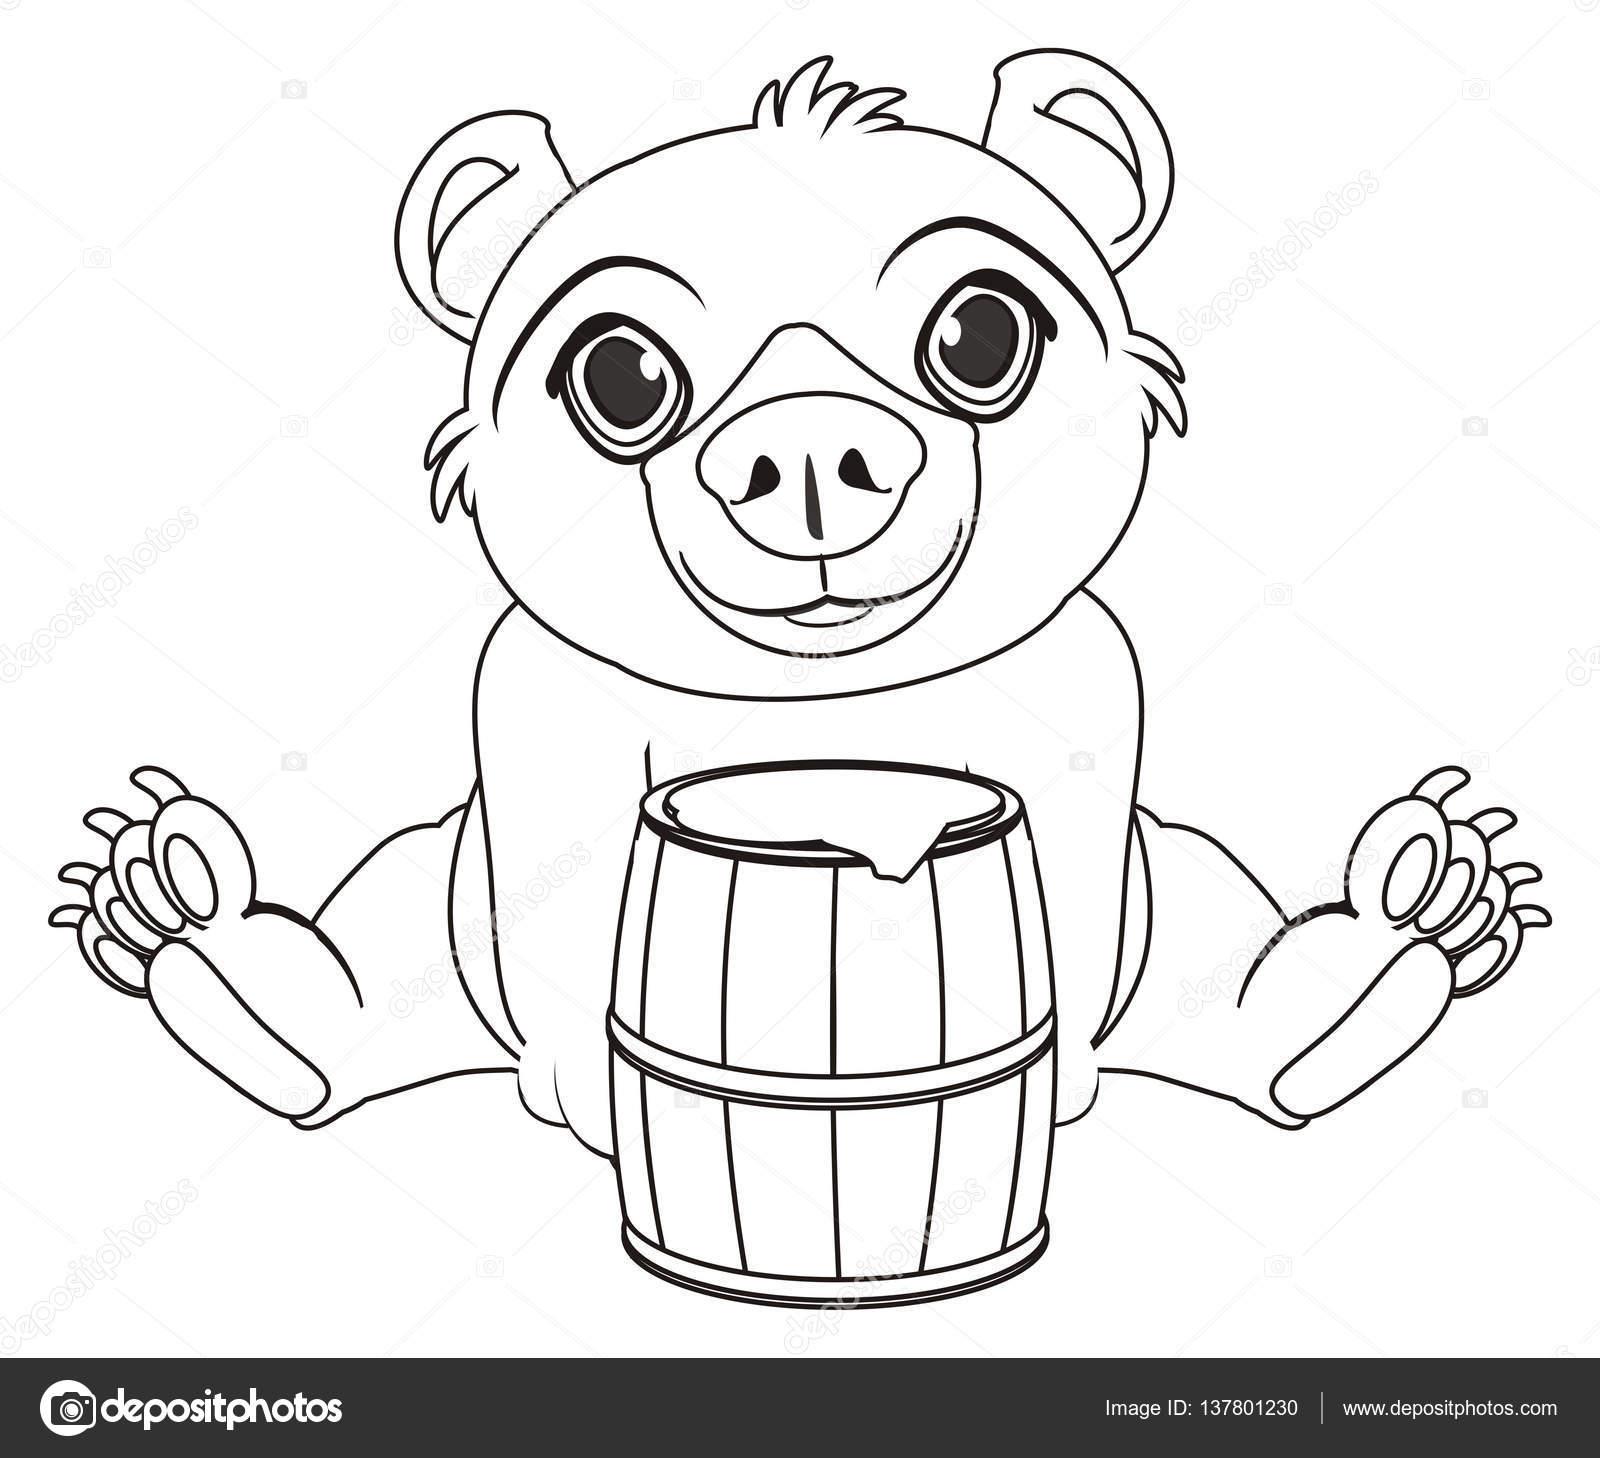 Malvorlagen Bär mit Faß Honig — Stockfoto © tatty77tatty #137801230